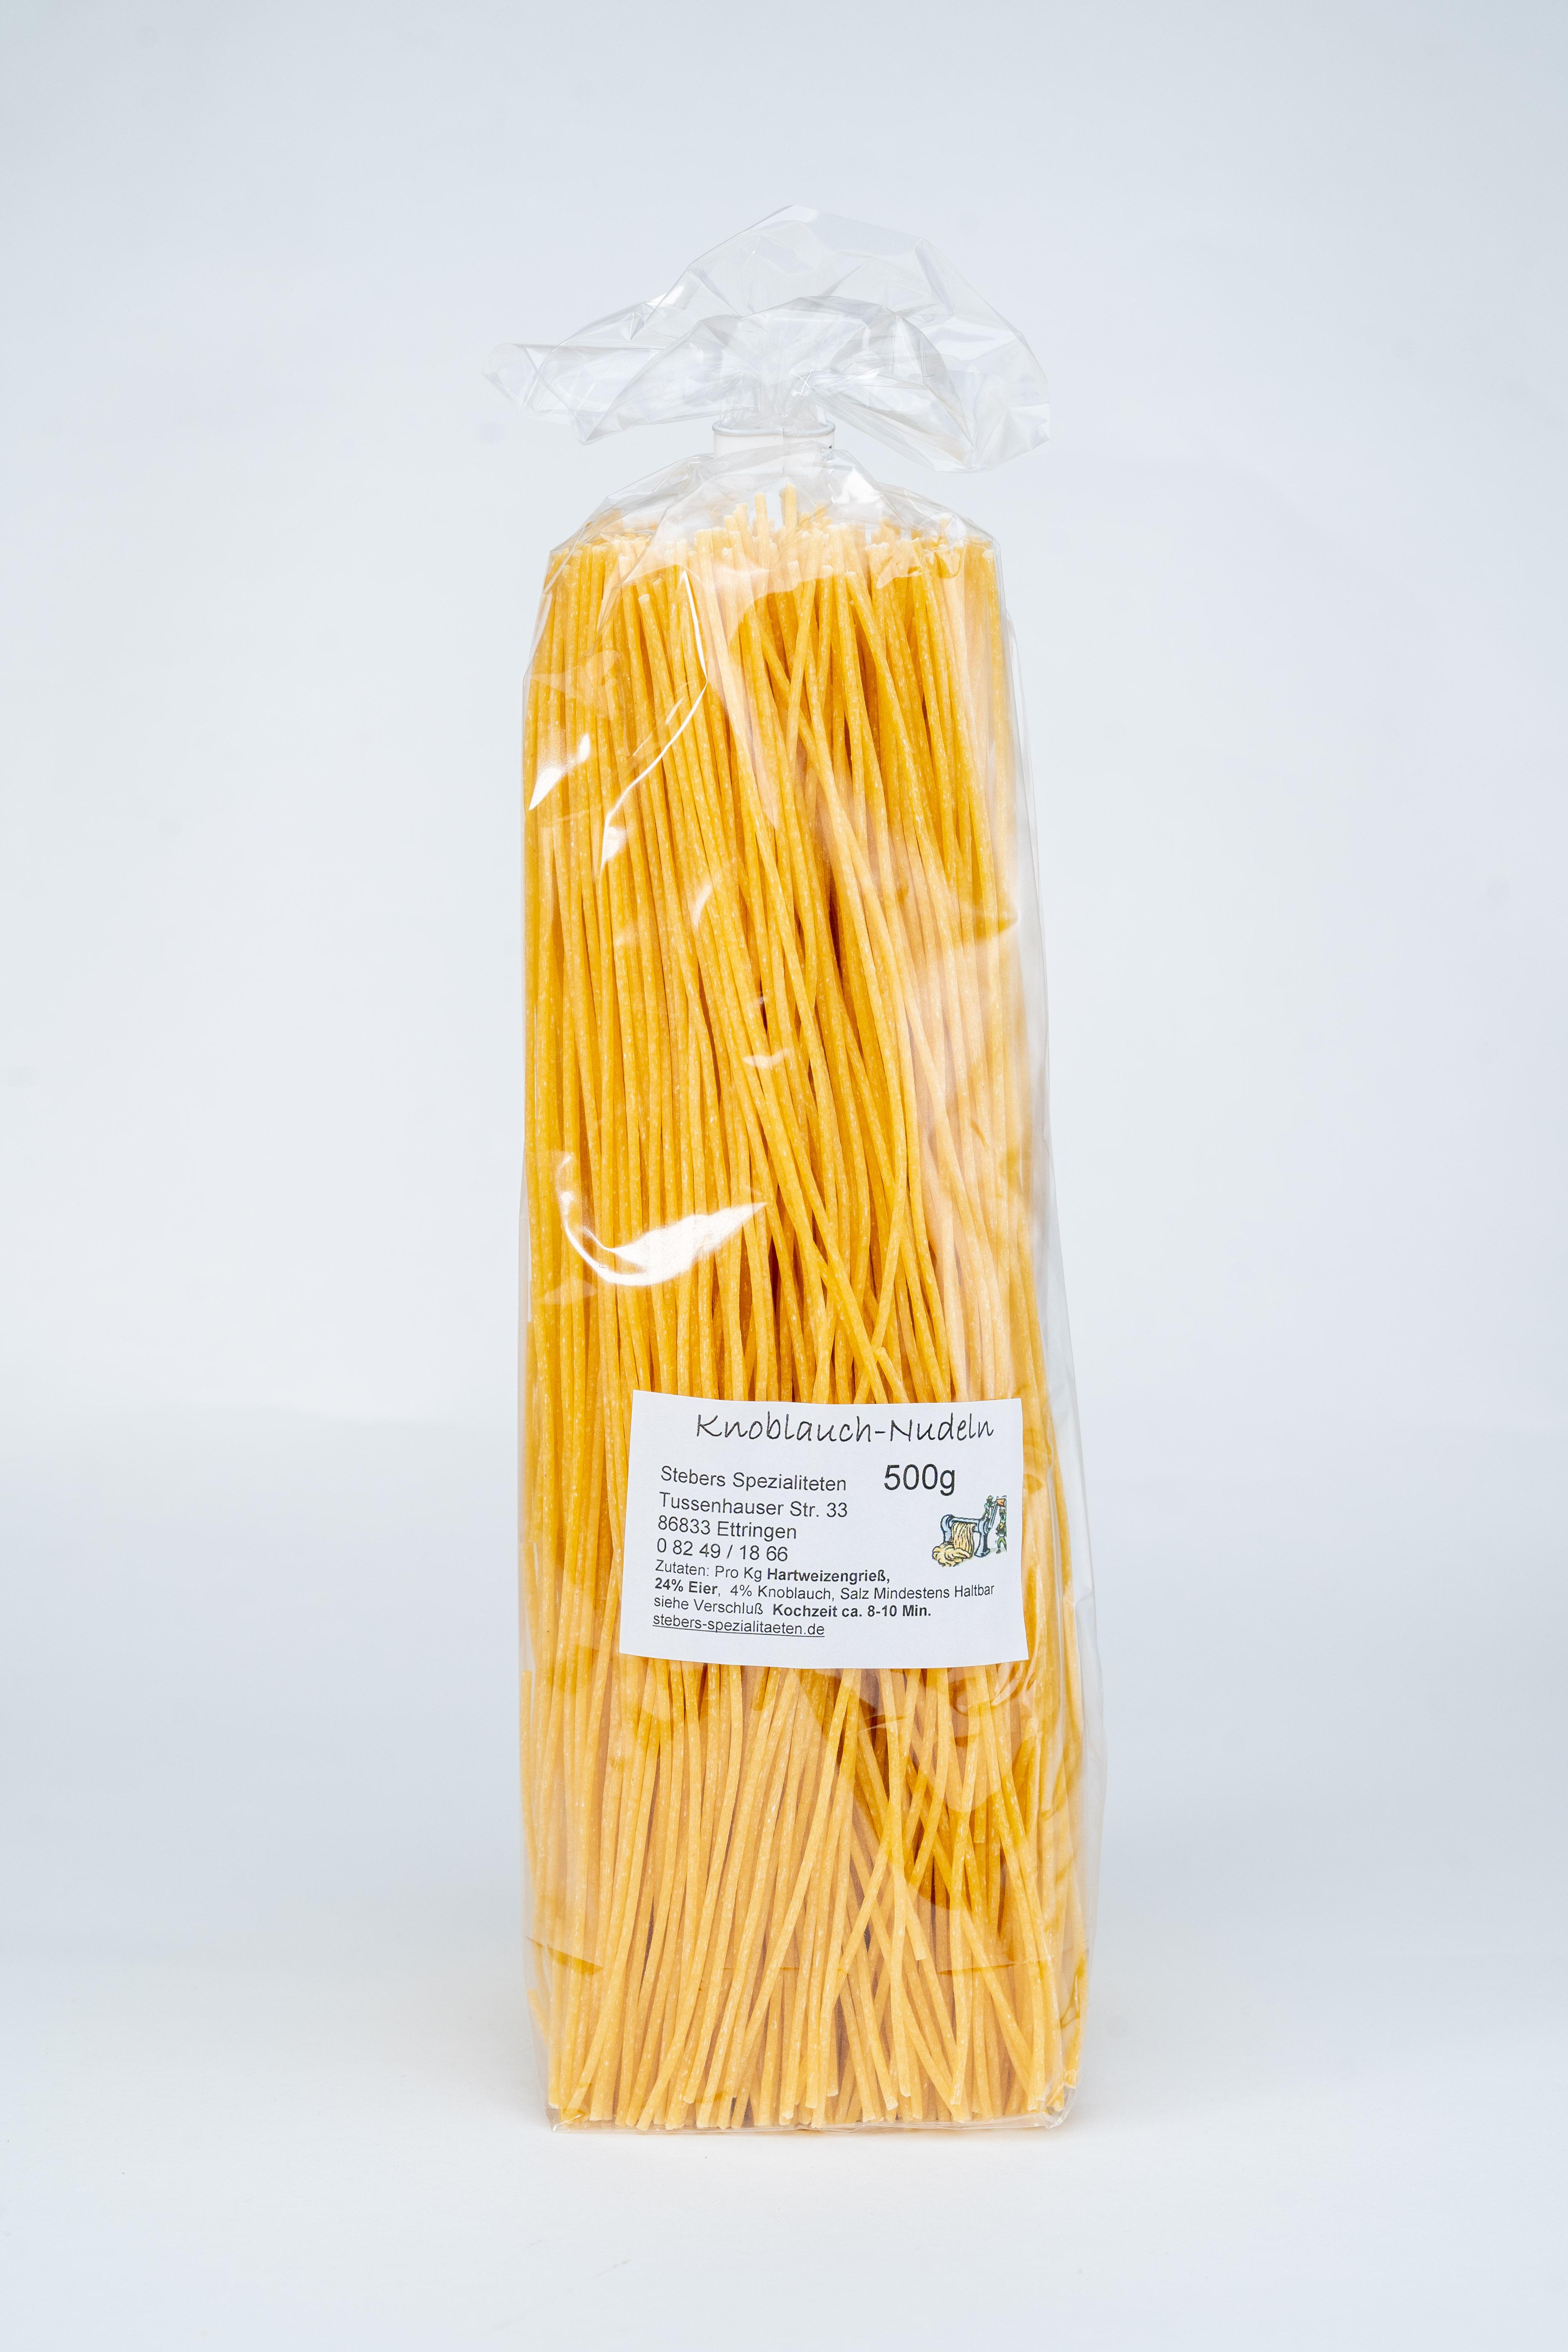 Knoblauch-Spaghetti